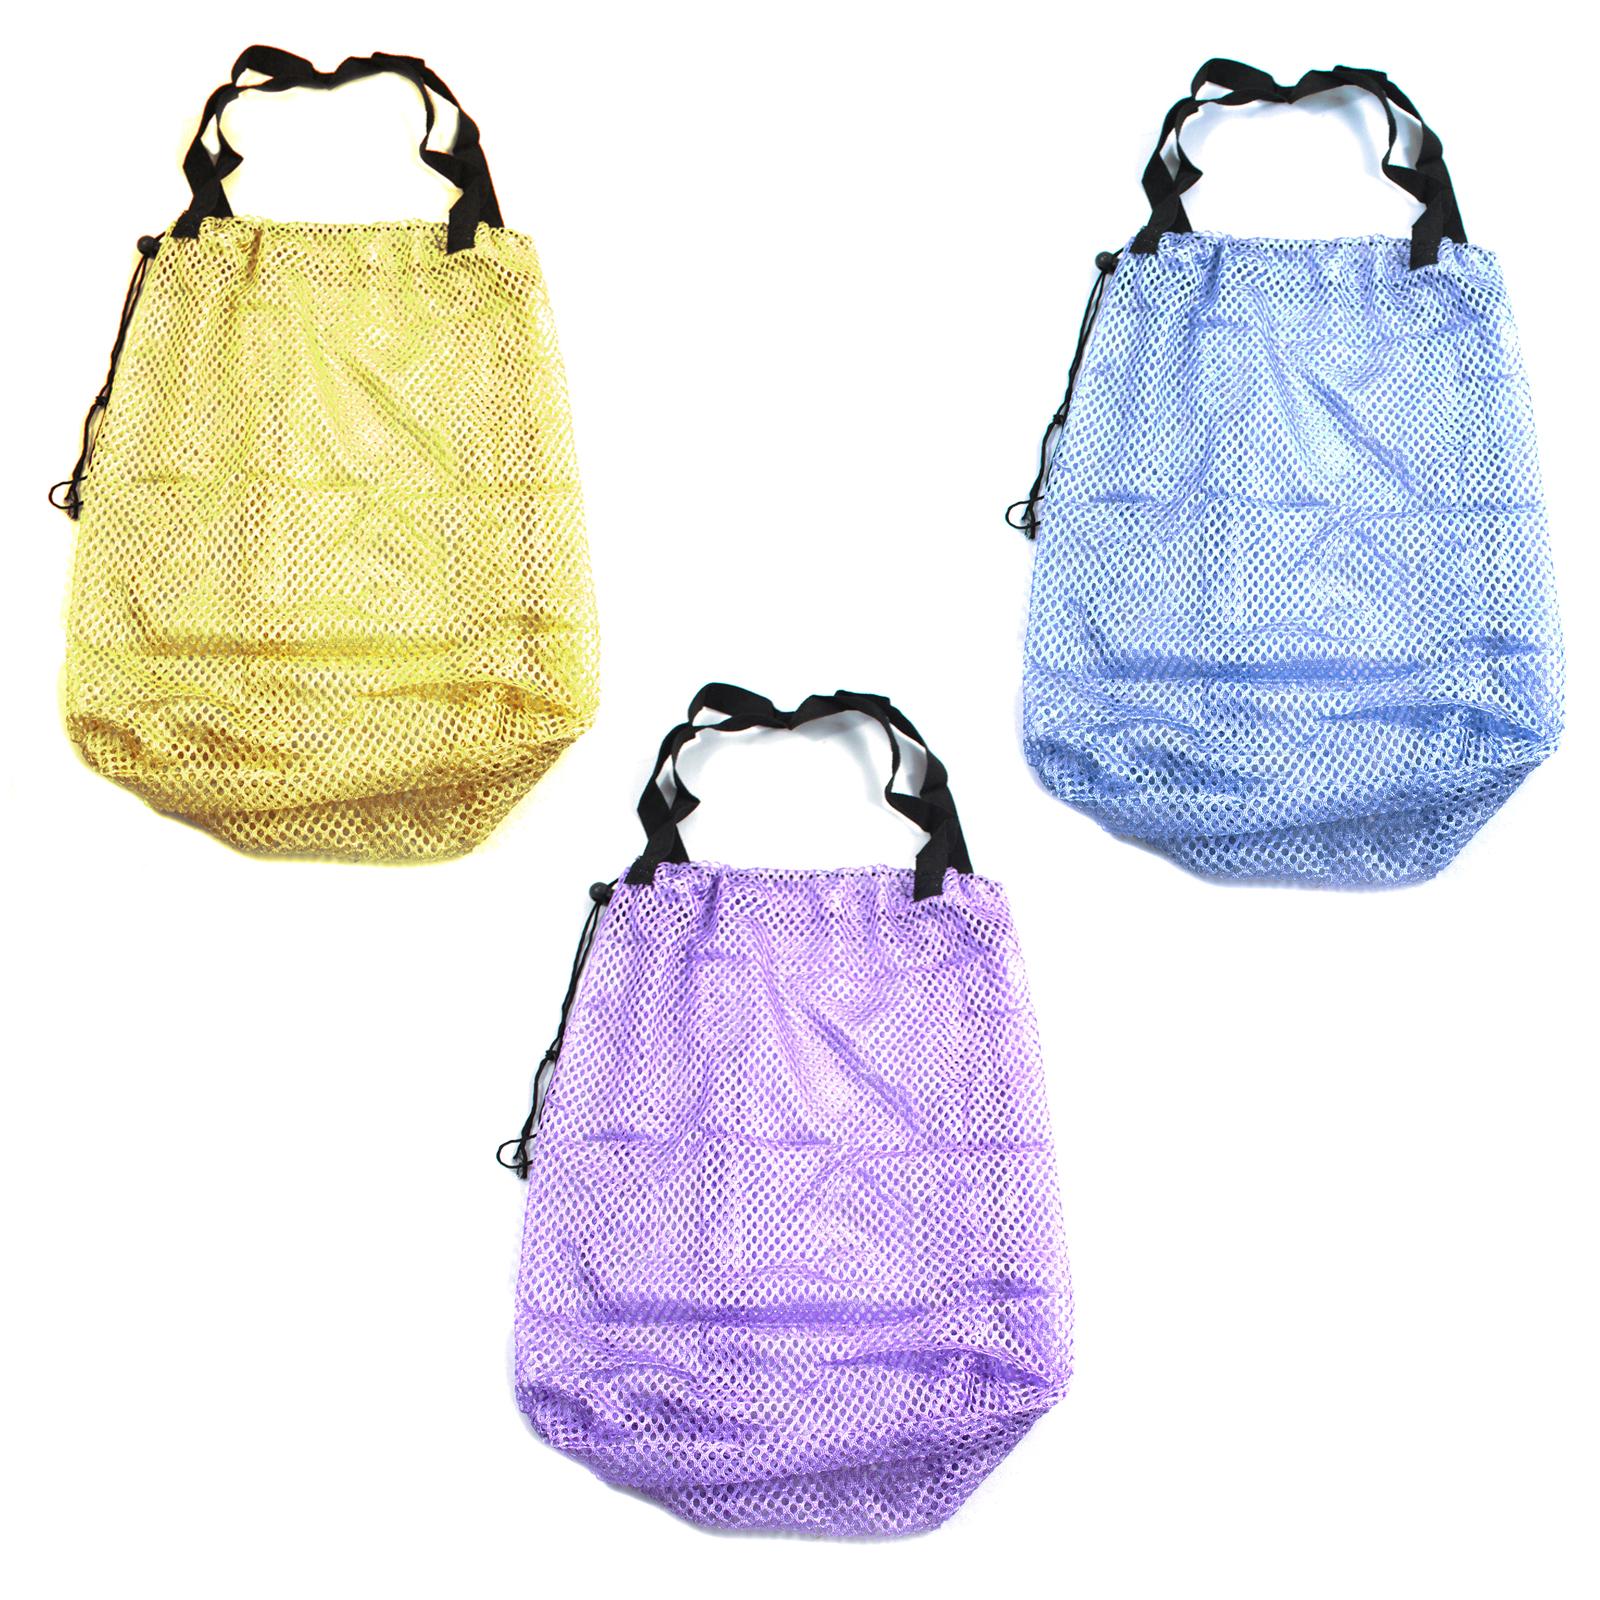 Utility Mesh Bag